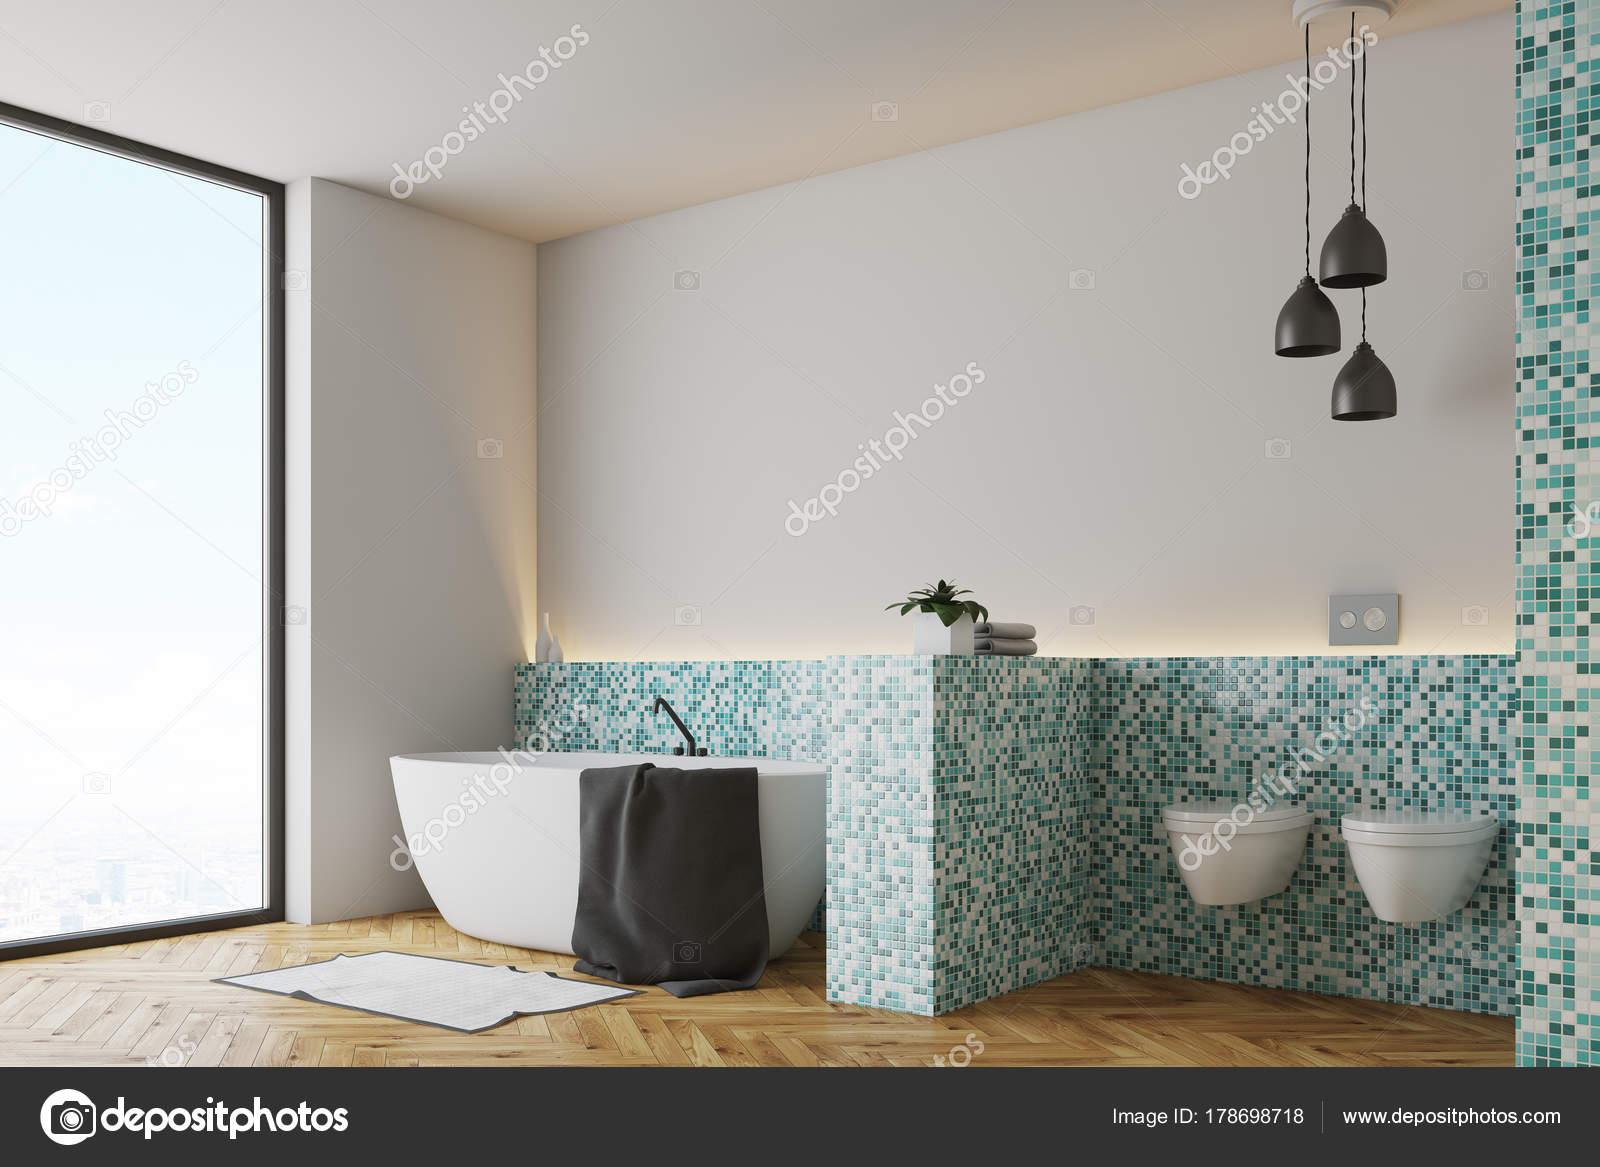 Mattonelle Bagno Verde Acqua : Lato di bagno e servizi igienici di mattonelle verdi u2014 foto stock